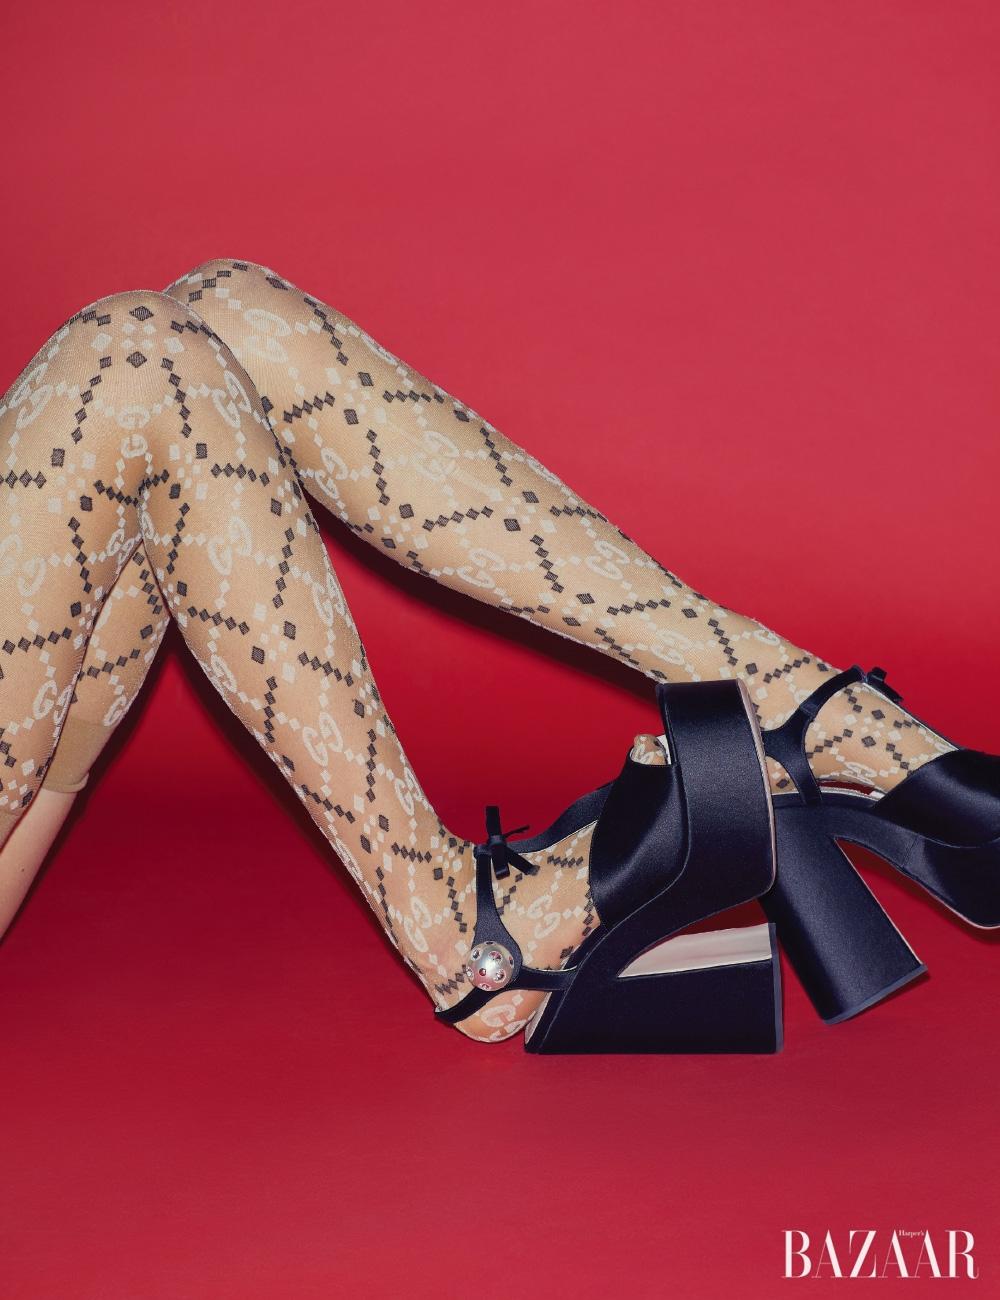 플랫폼 샌들은 Miu Miu, 패턴 스타킹은 14만원 Gucci.